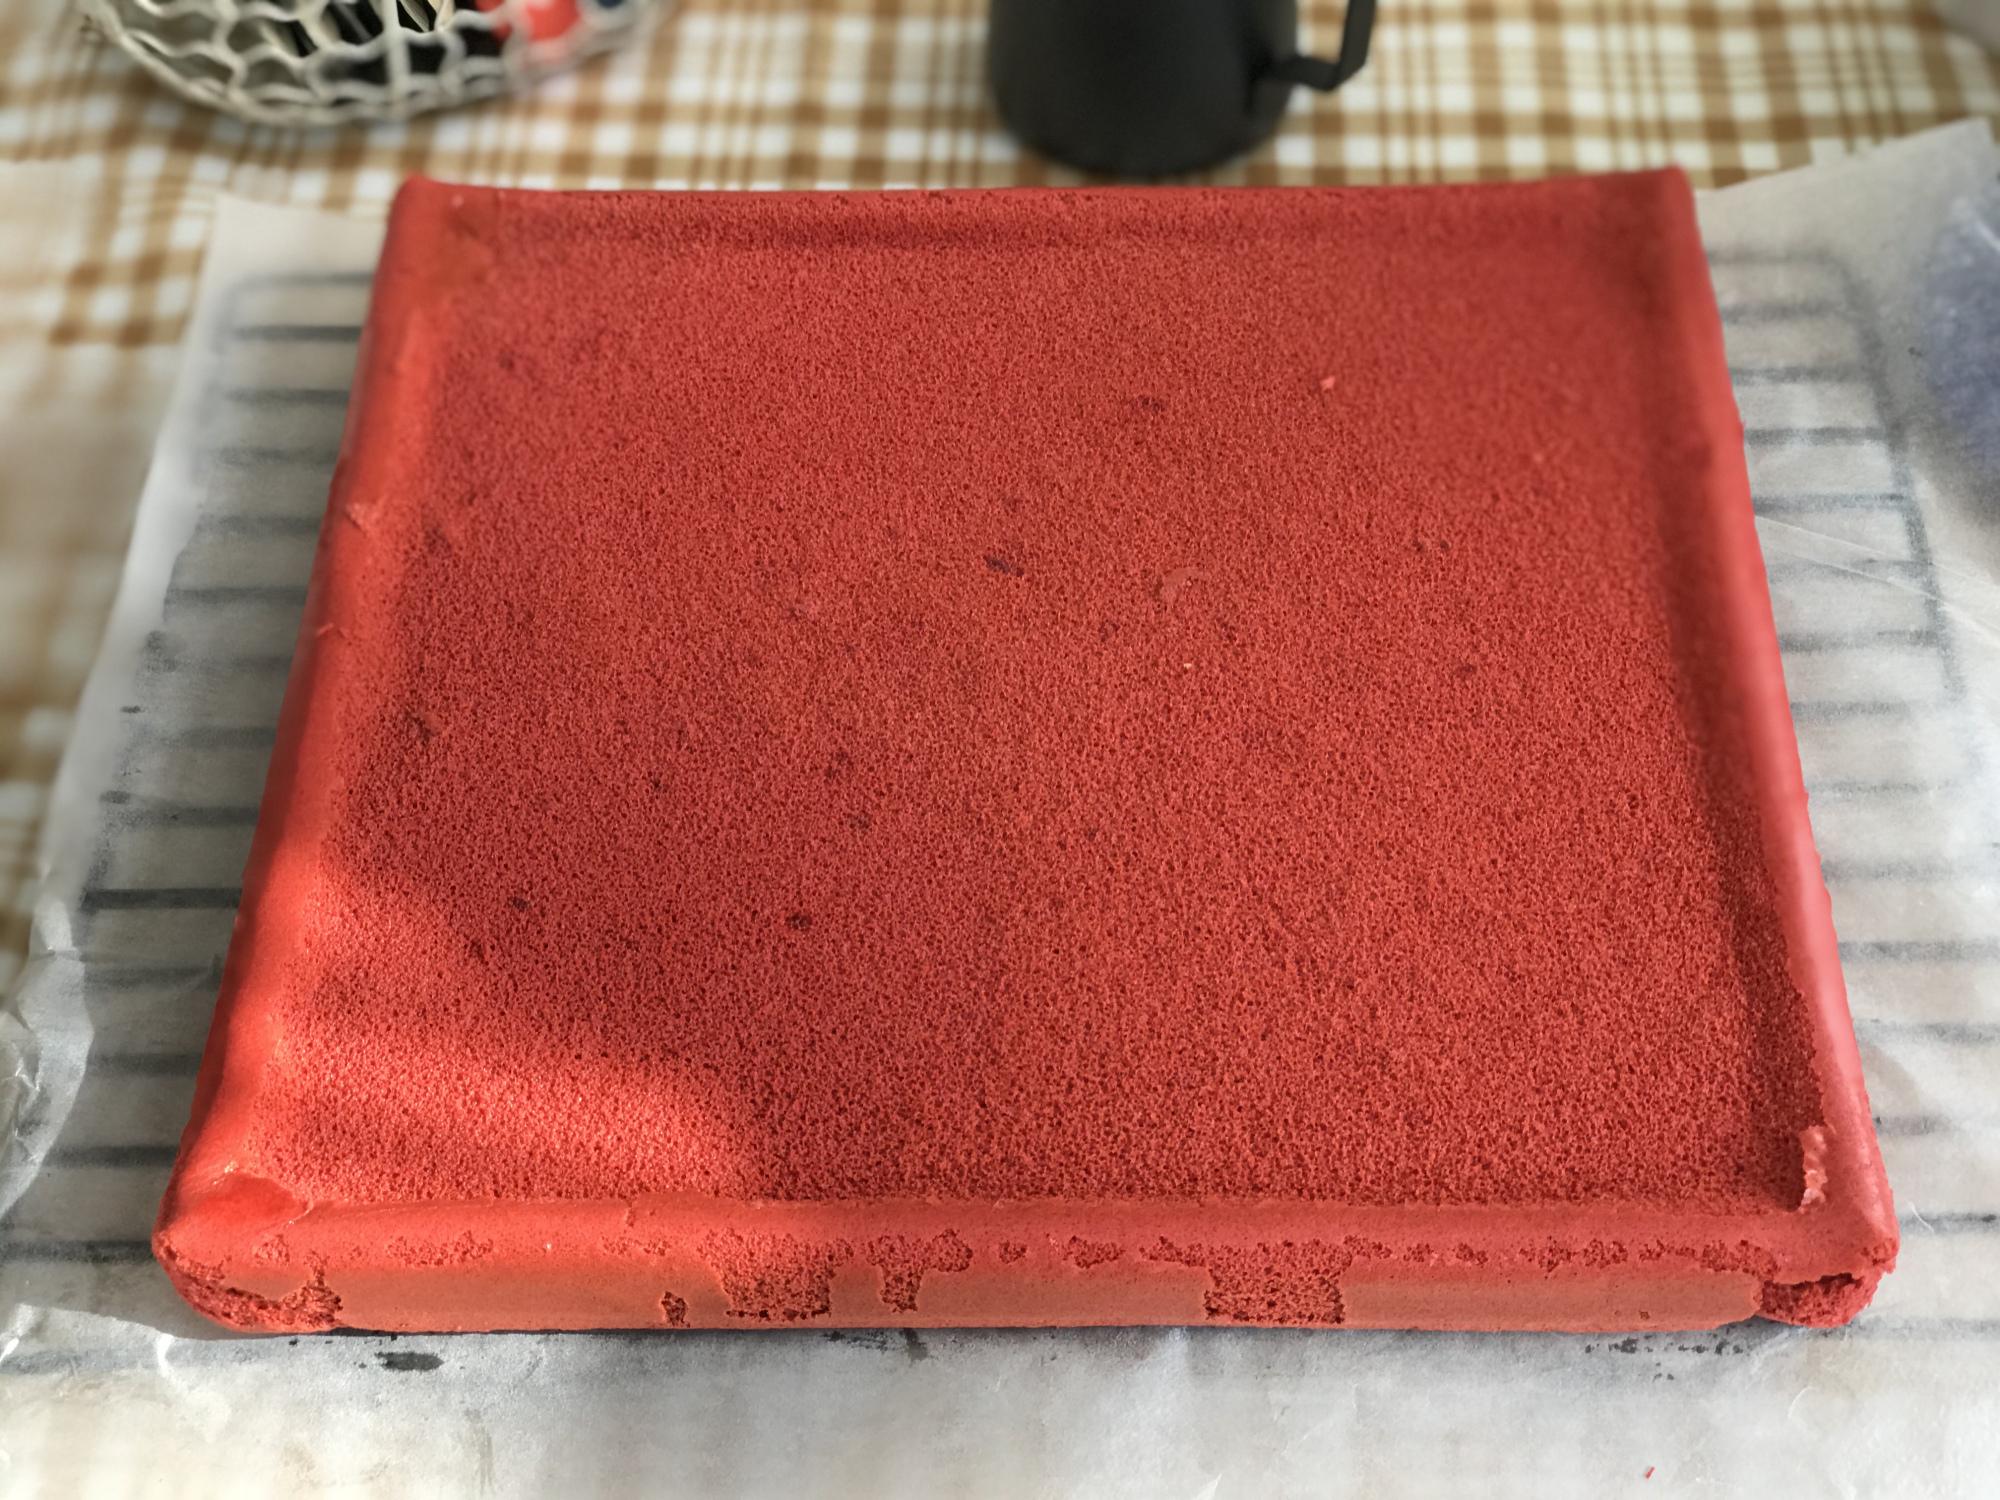 蛋糕卷總失敗,明白這1點,輕鬆做到香甜綿軟不開裂,營養又美味